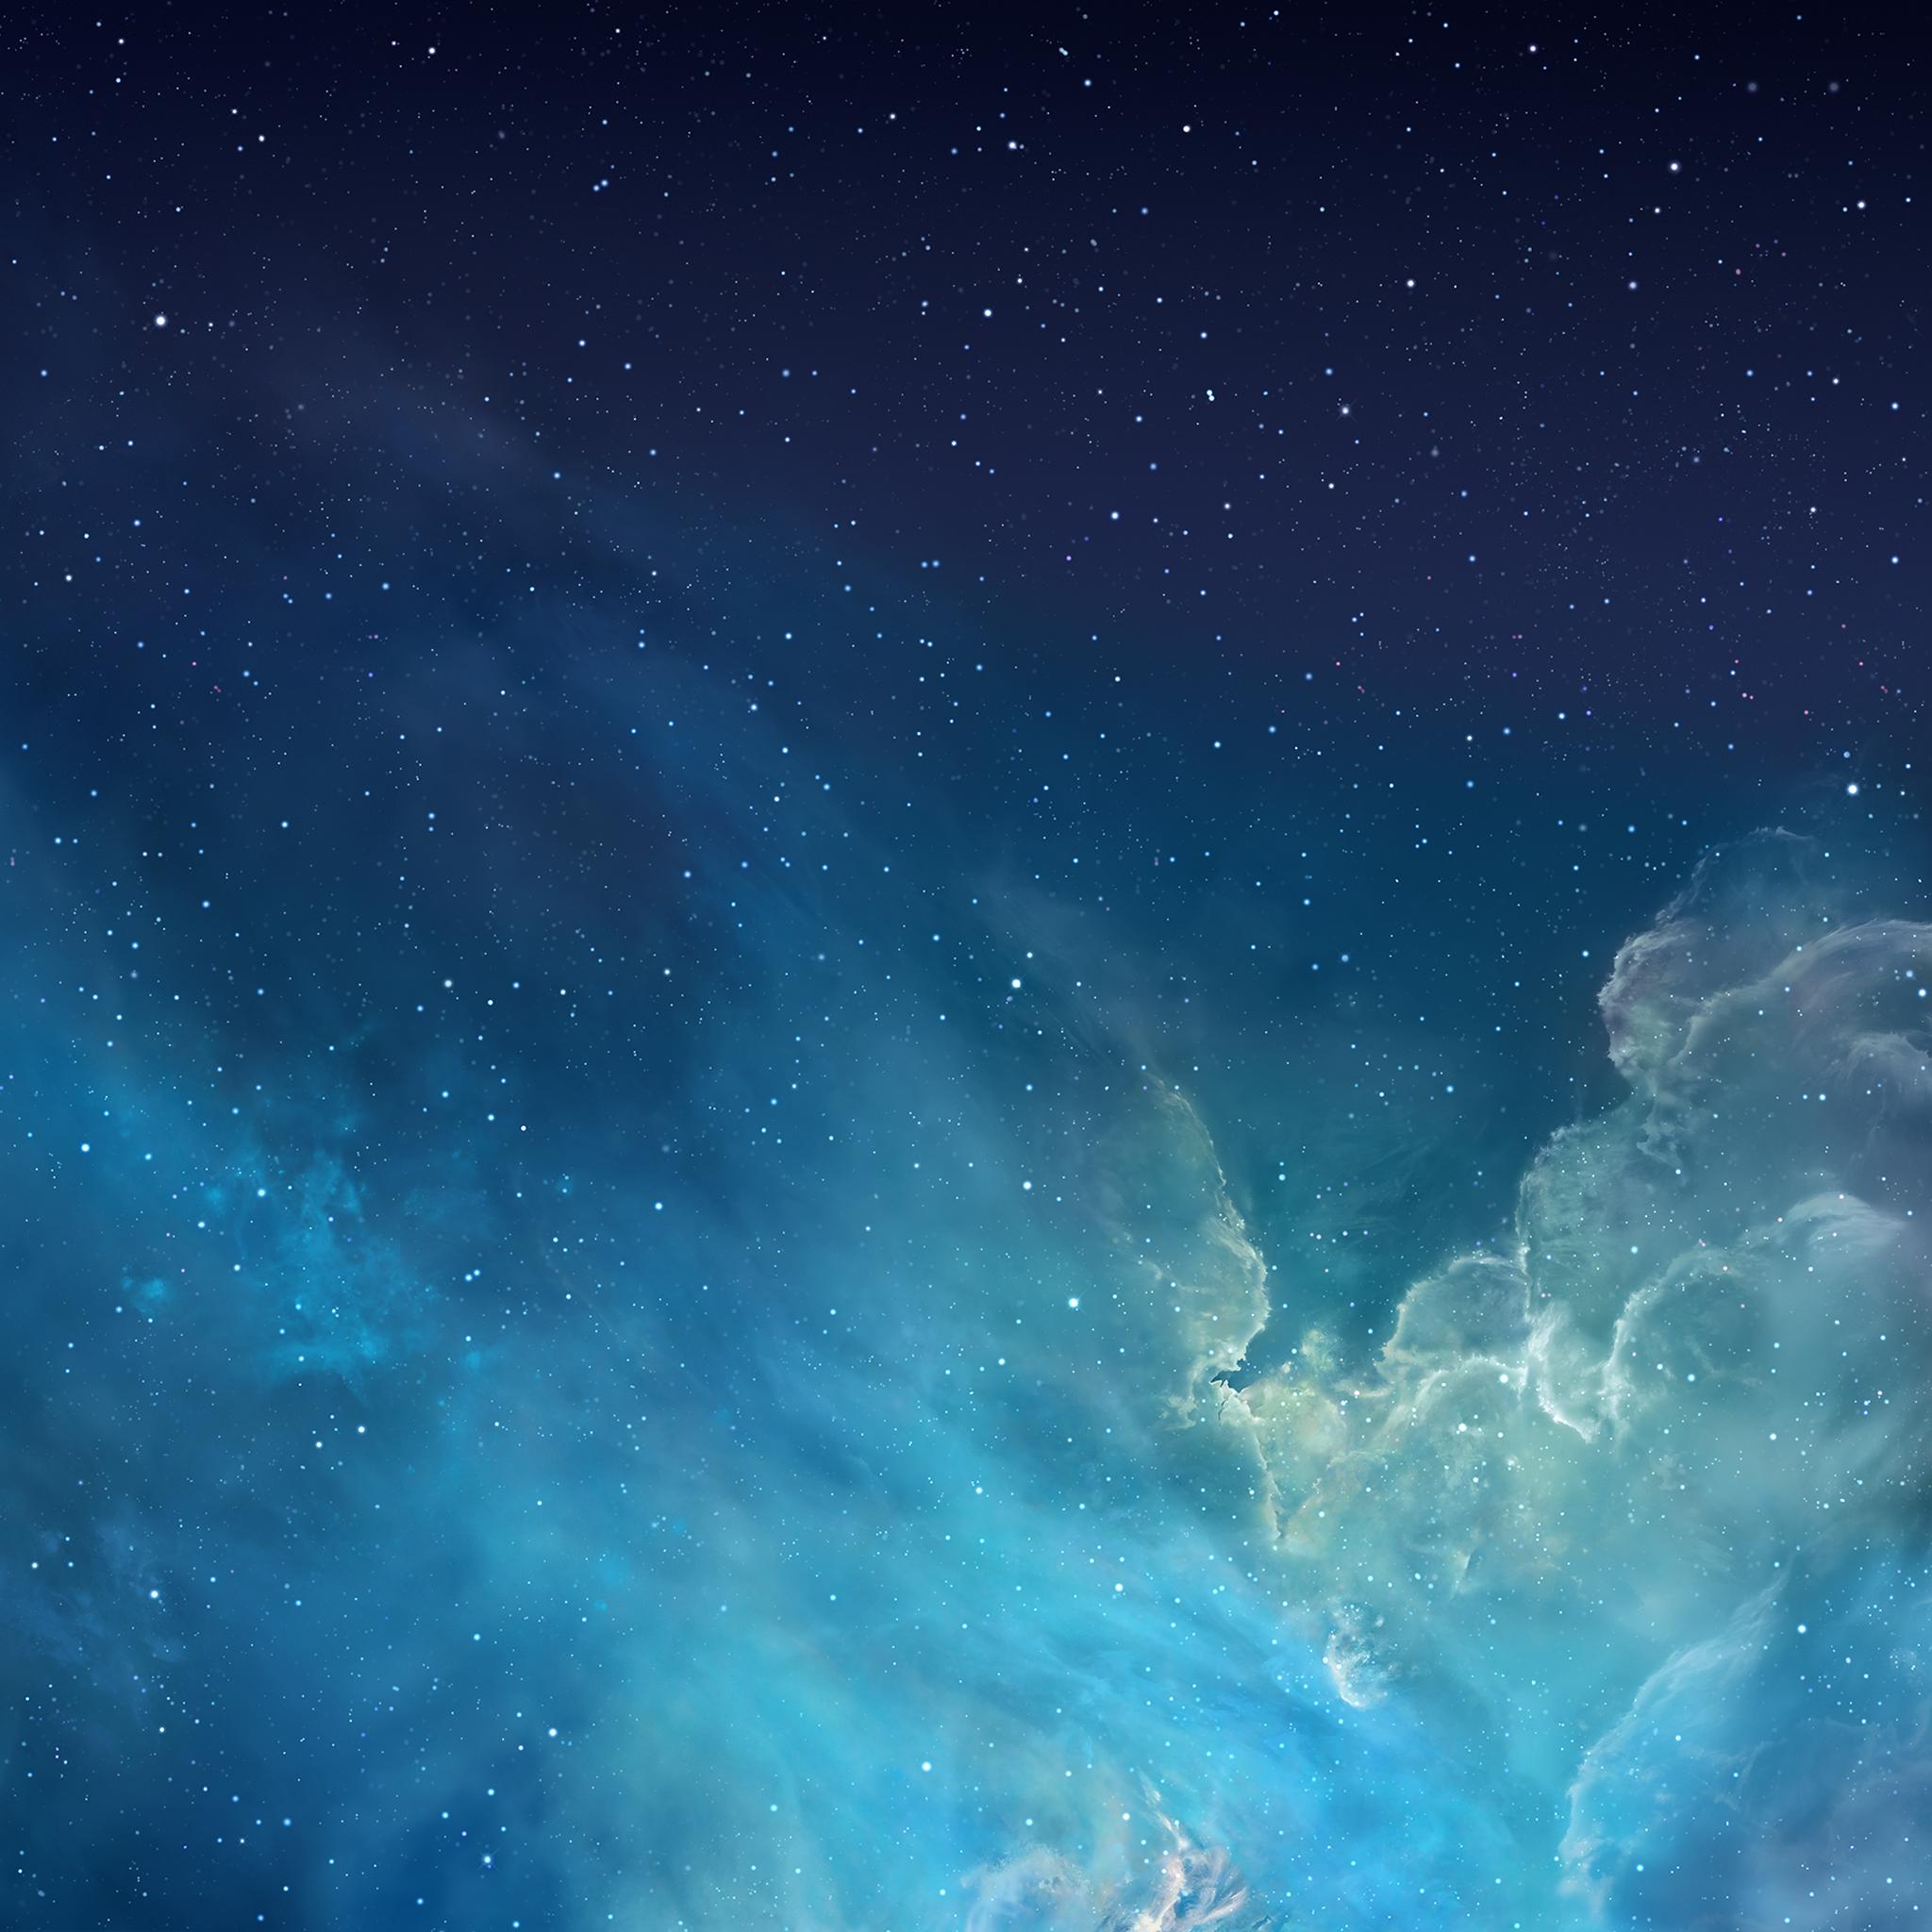 ipad wallpapers ipad air wallpapers ipad mini 5972 ipad wallpaper 2048x2048